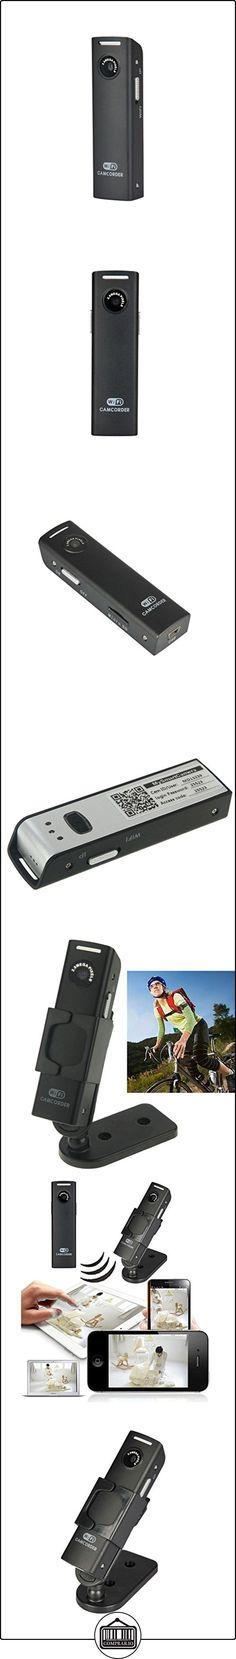 Mengshen® IP de WiFi de la cámara mini portátil videocámara oculta P2P Wifi de la cámara grabadora de vídeo digital para conexión remota inalámbrica Cam para Android IOS de Windows MS-C100  ✿ Vigilabebés - Seguridad ✿ ▬► Ver oferta: http://comprar.io/goto/B01HHNB7Z4